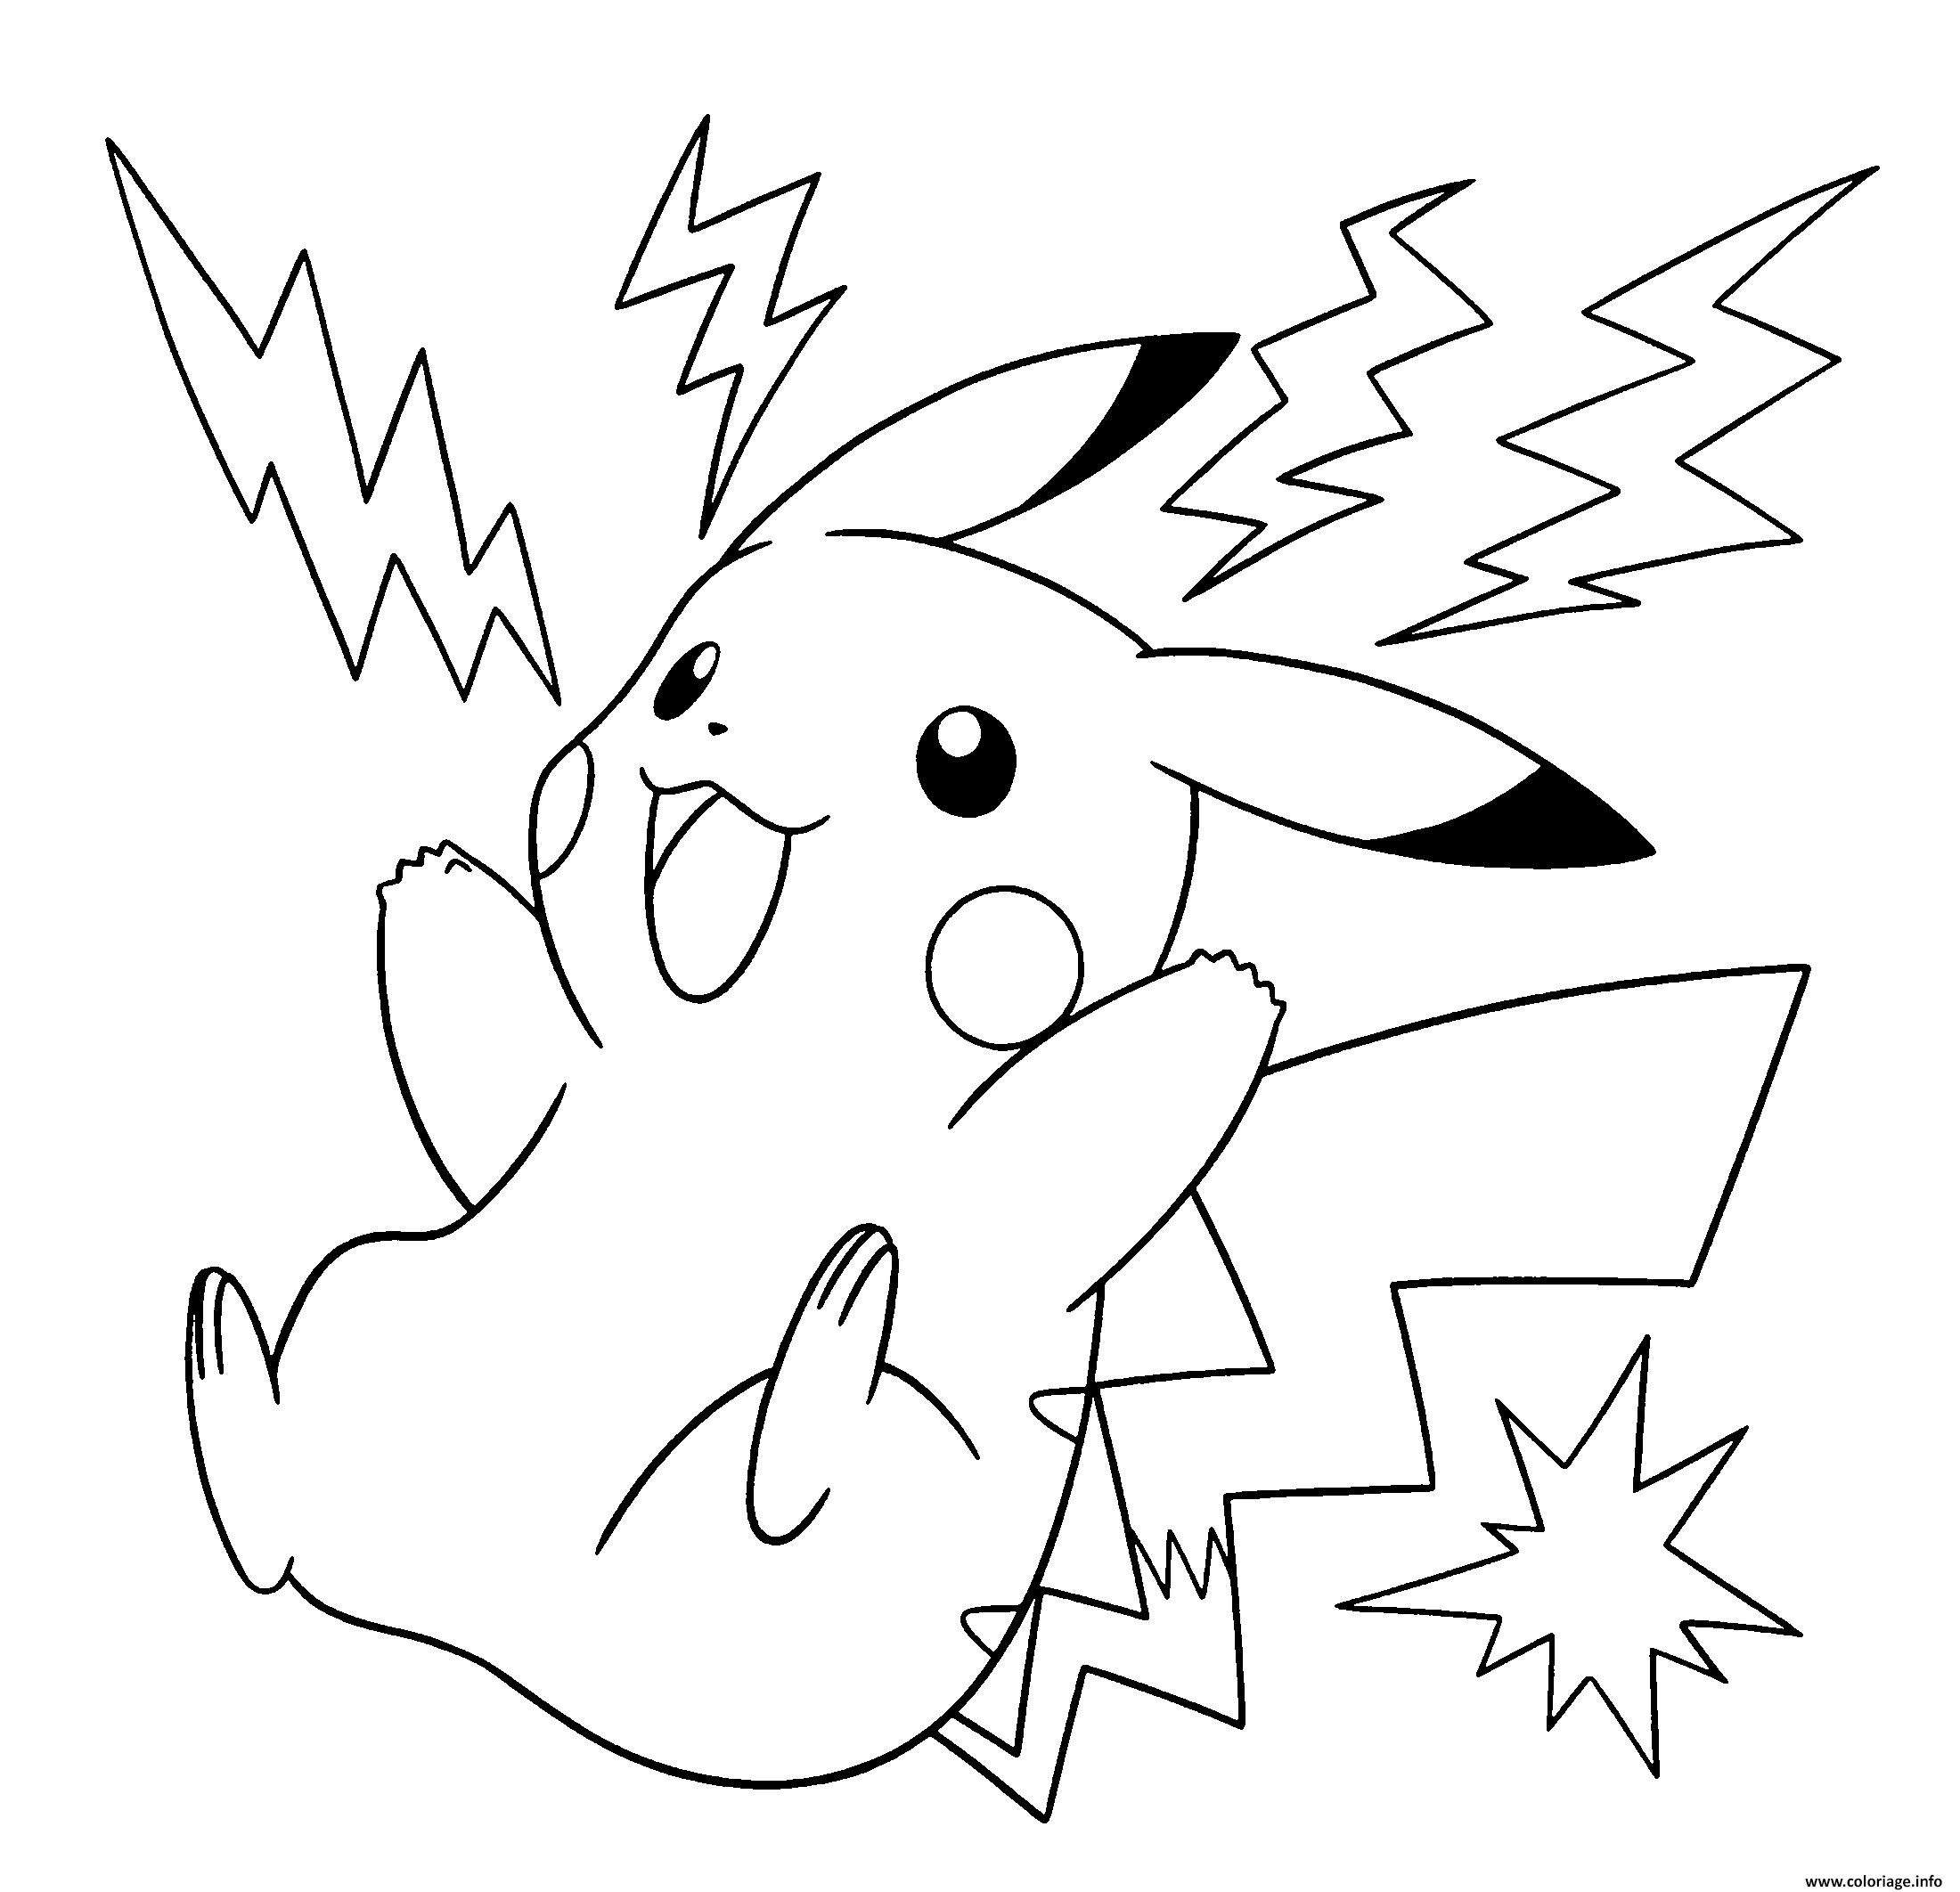 Dessin pokemon pikachu electrique Coloriage Gratuit à Imprimer